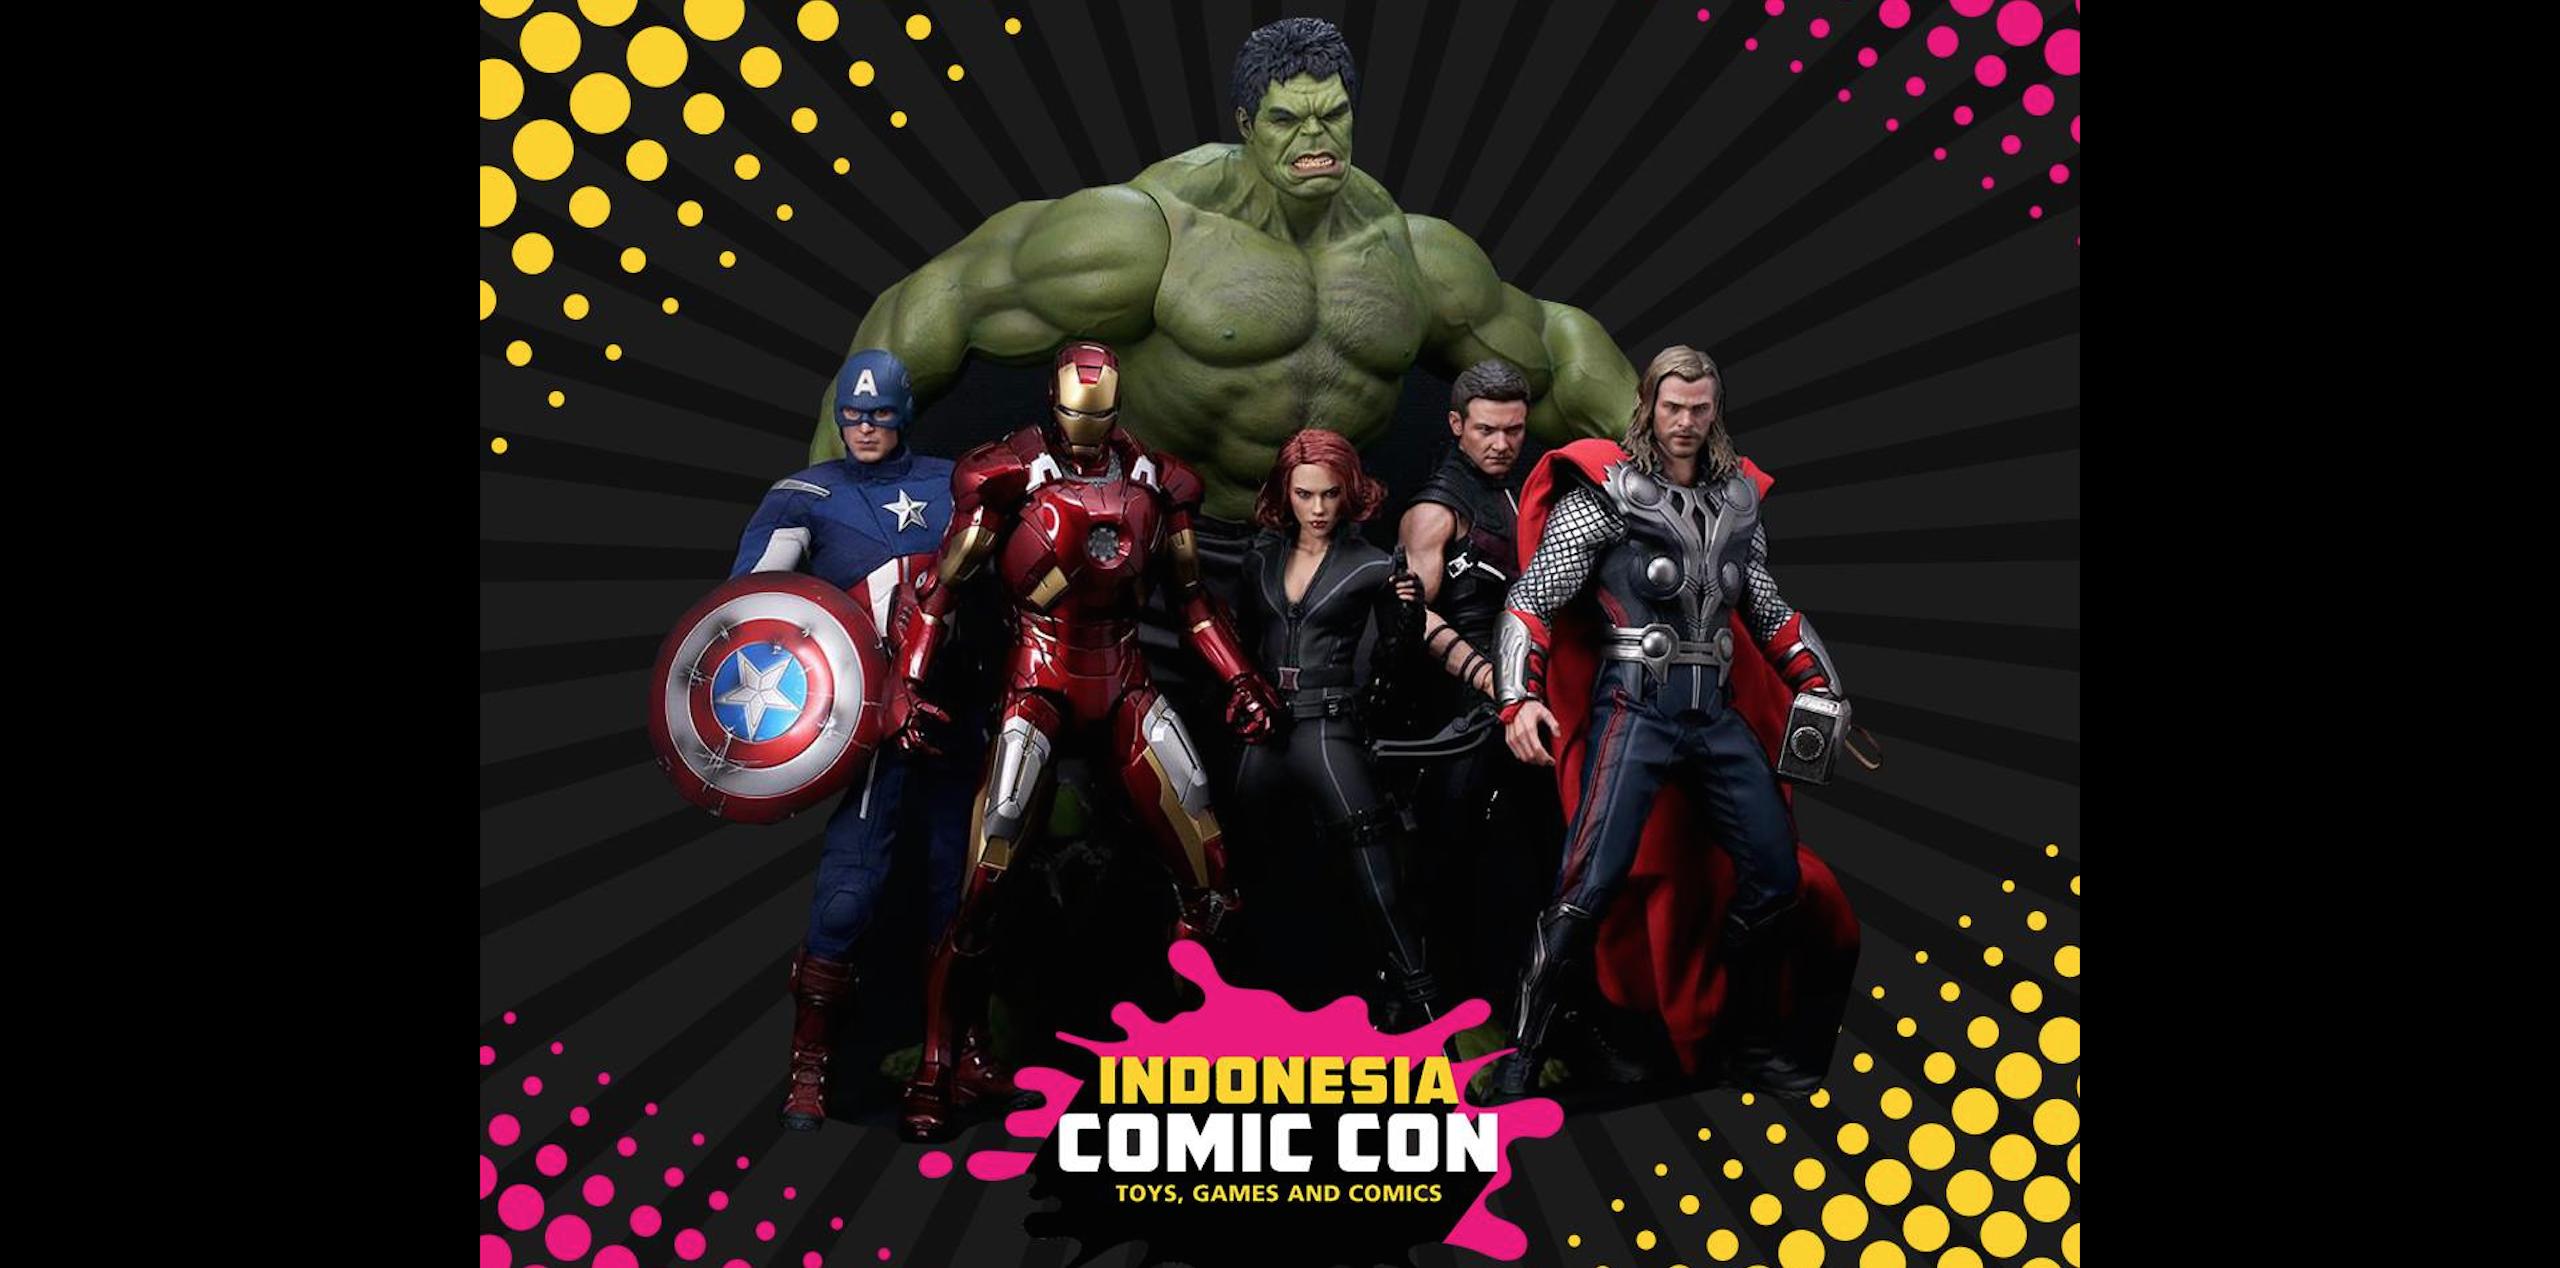 Hello Kitty Akan Hadir Di Indonesia Ic Con 2015